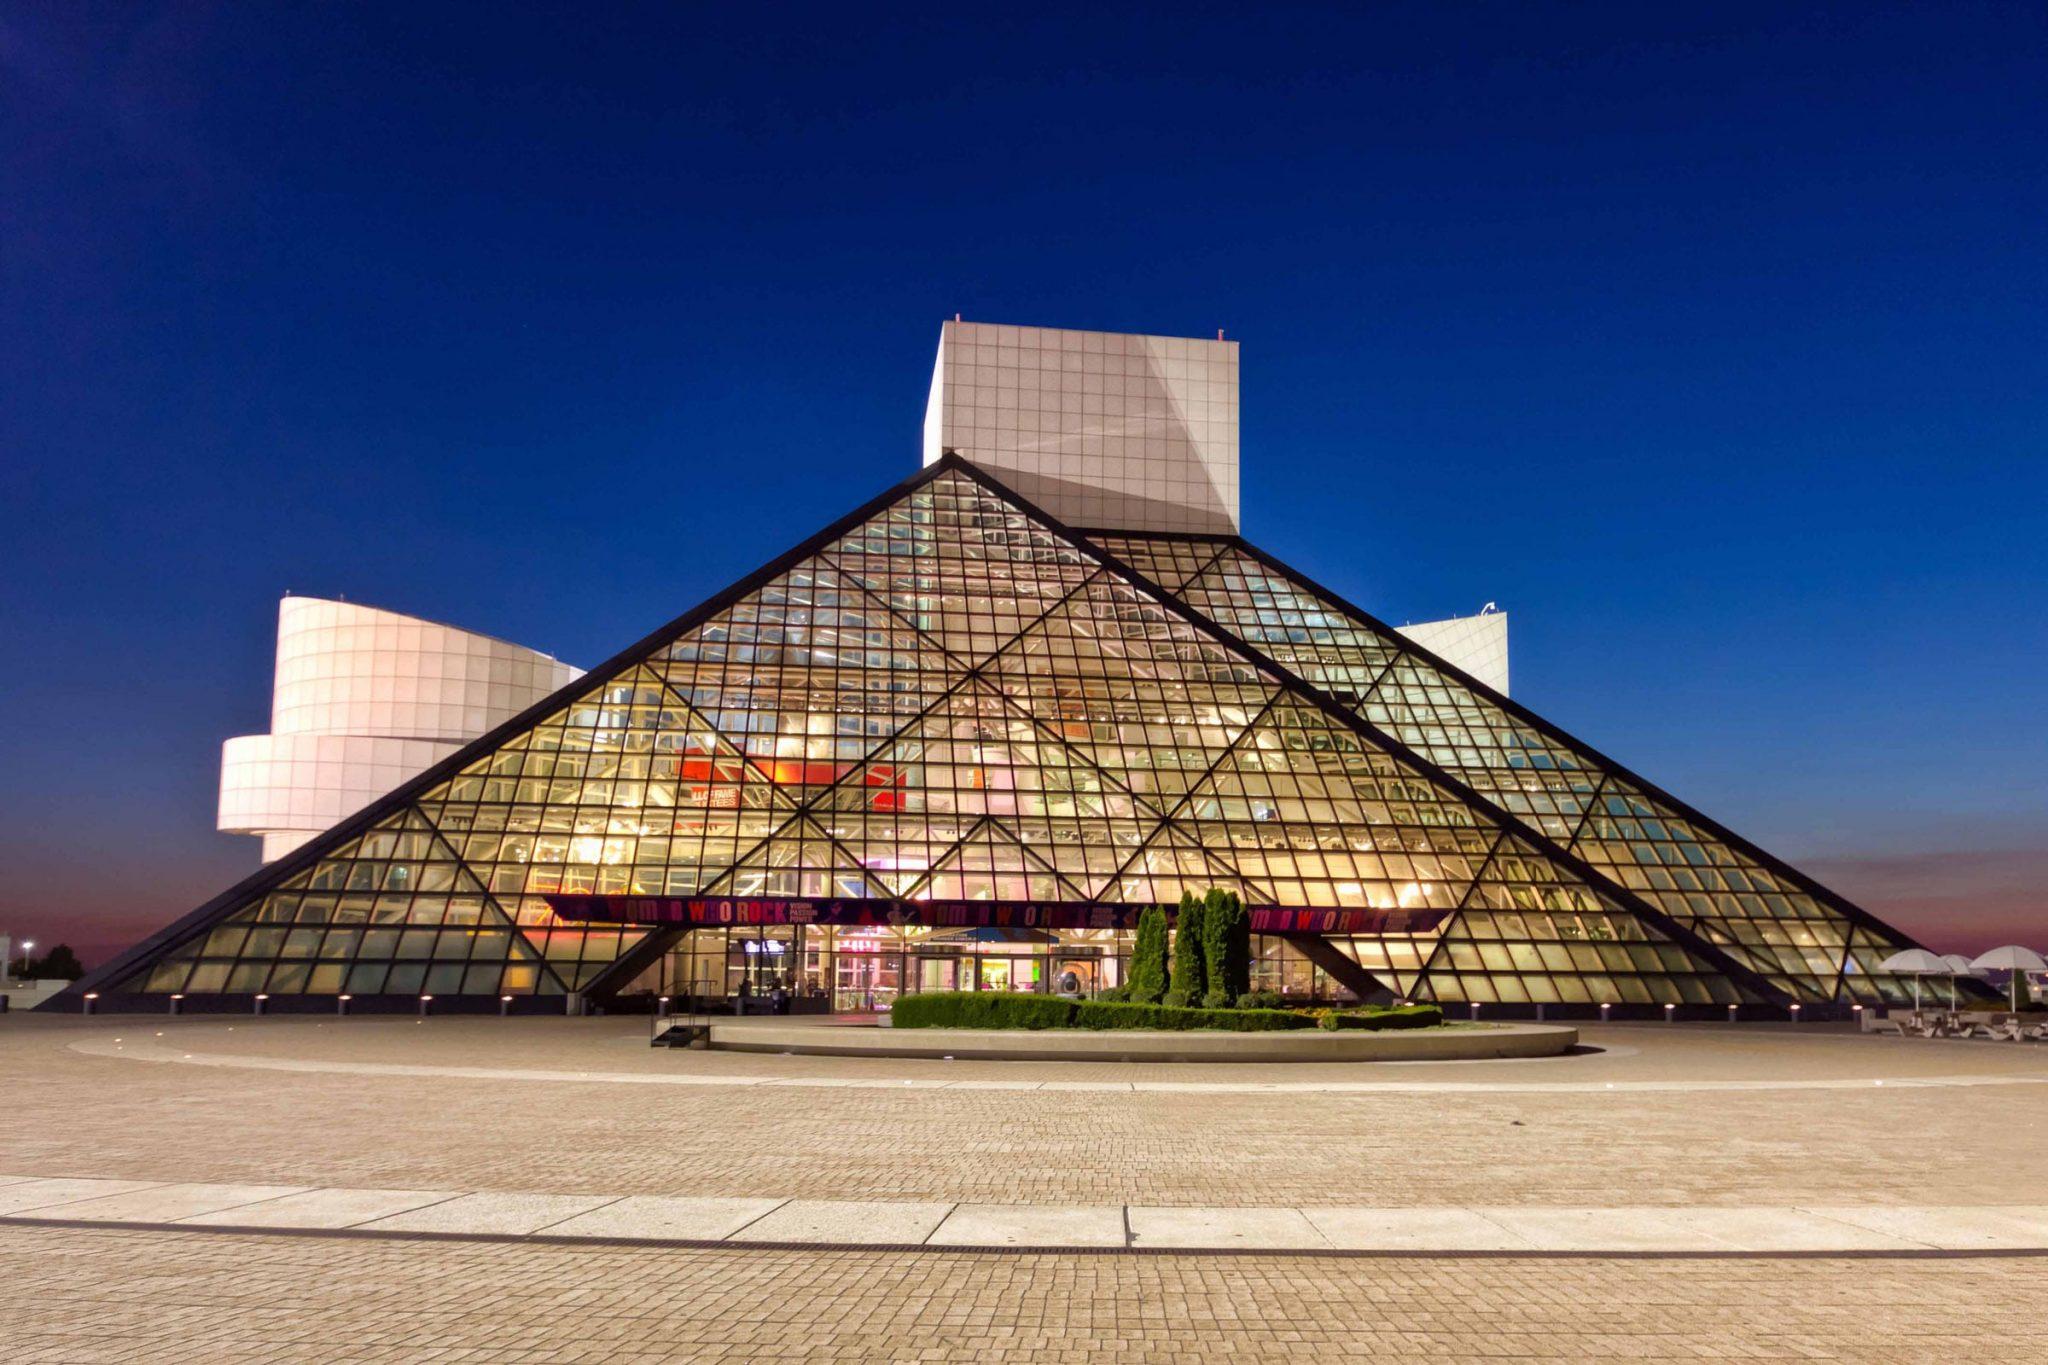 بررسی ساختمان تالار مشاهیر راک اند رول آی ام پی استوارسازان